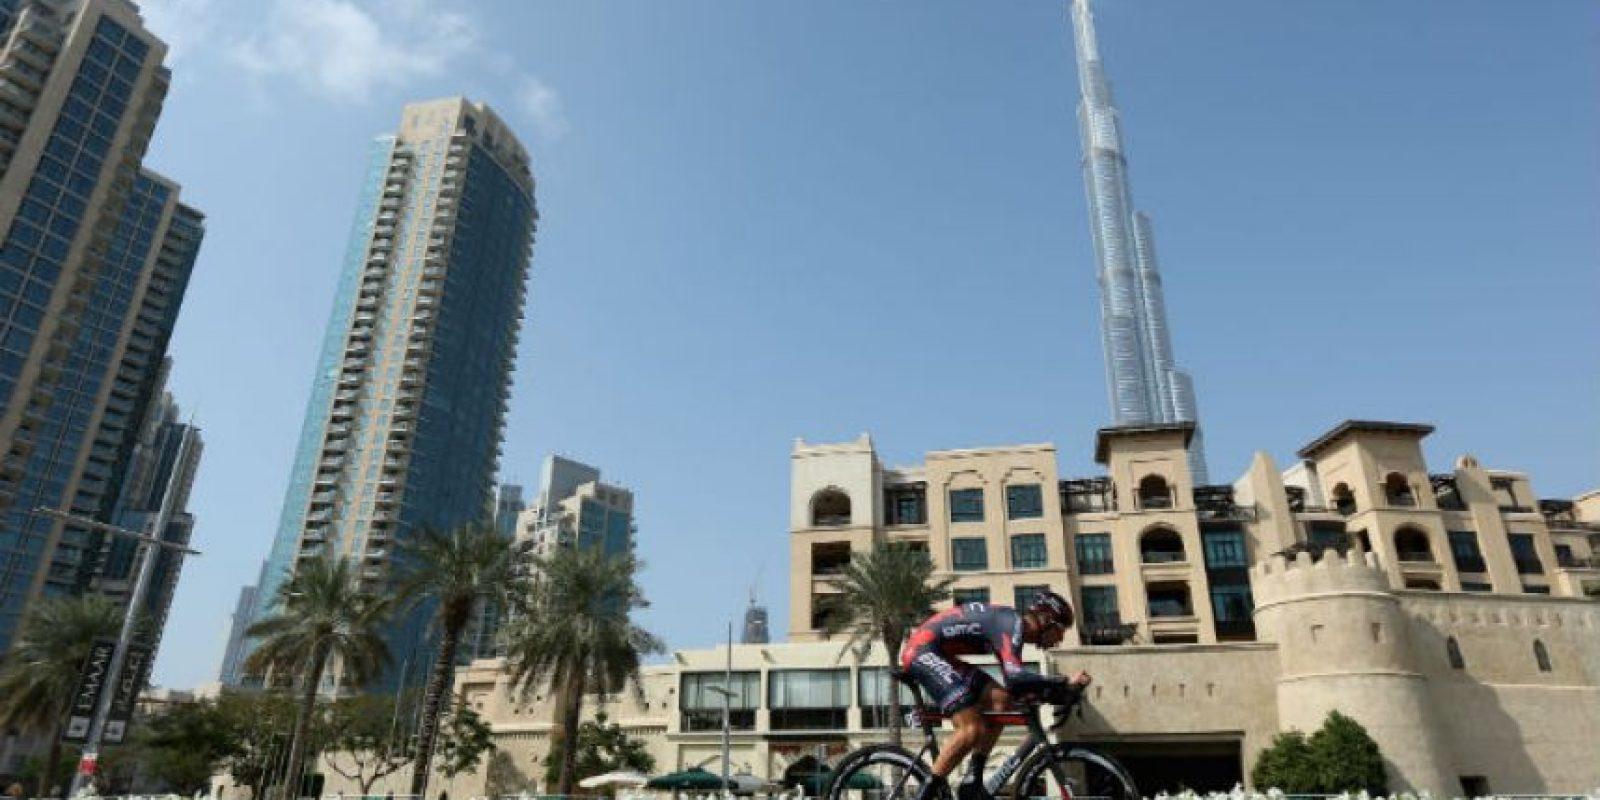 on 828 metros de altura, es la estructura más alta de la que se tiene registro en la historia. Foto:Getty Images. Imagen Por: